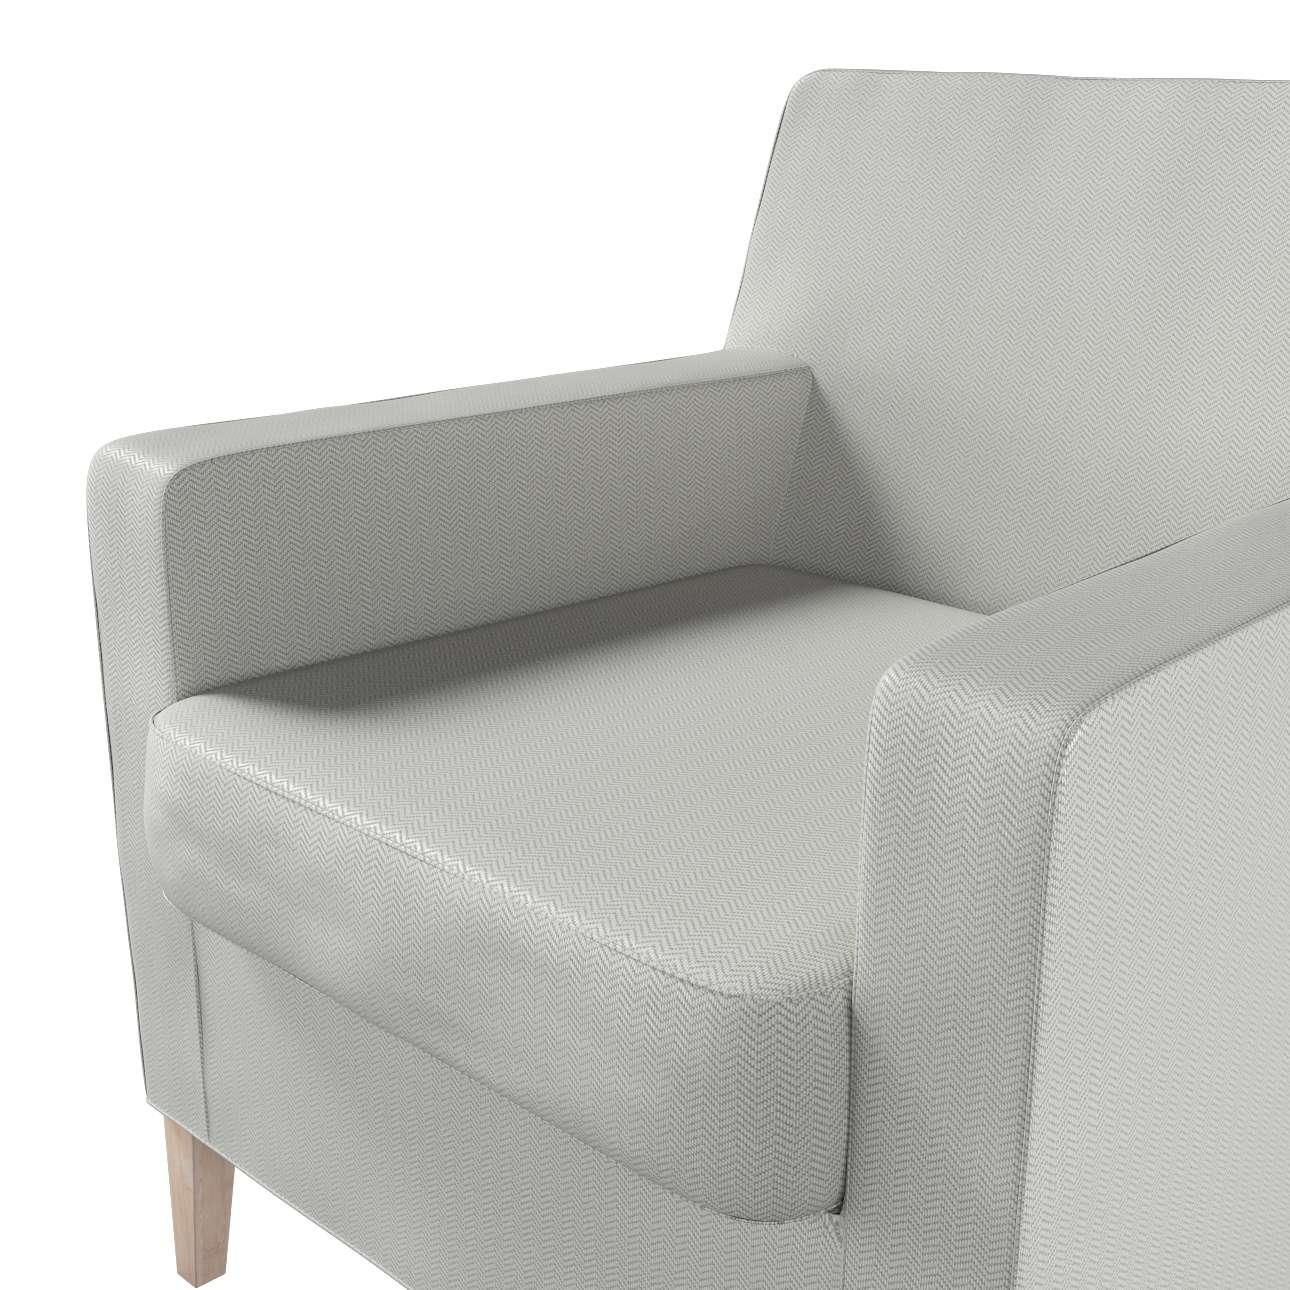 Karlstad nojatuoli, korkea mallistosta Bergen, Kangas: 161-84